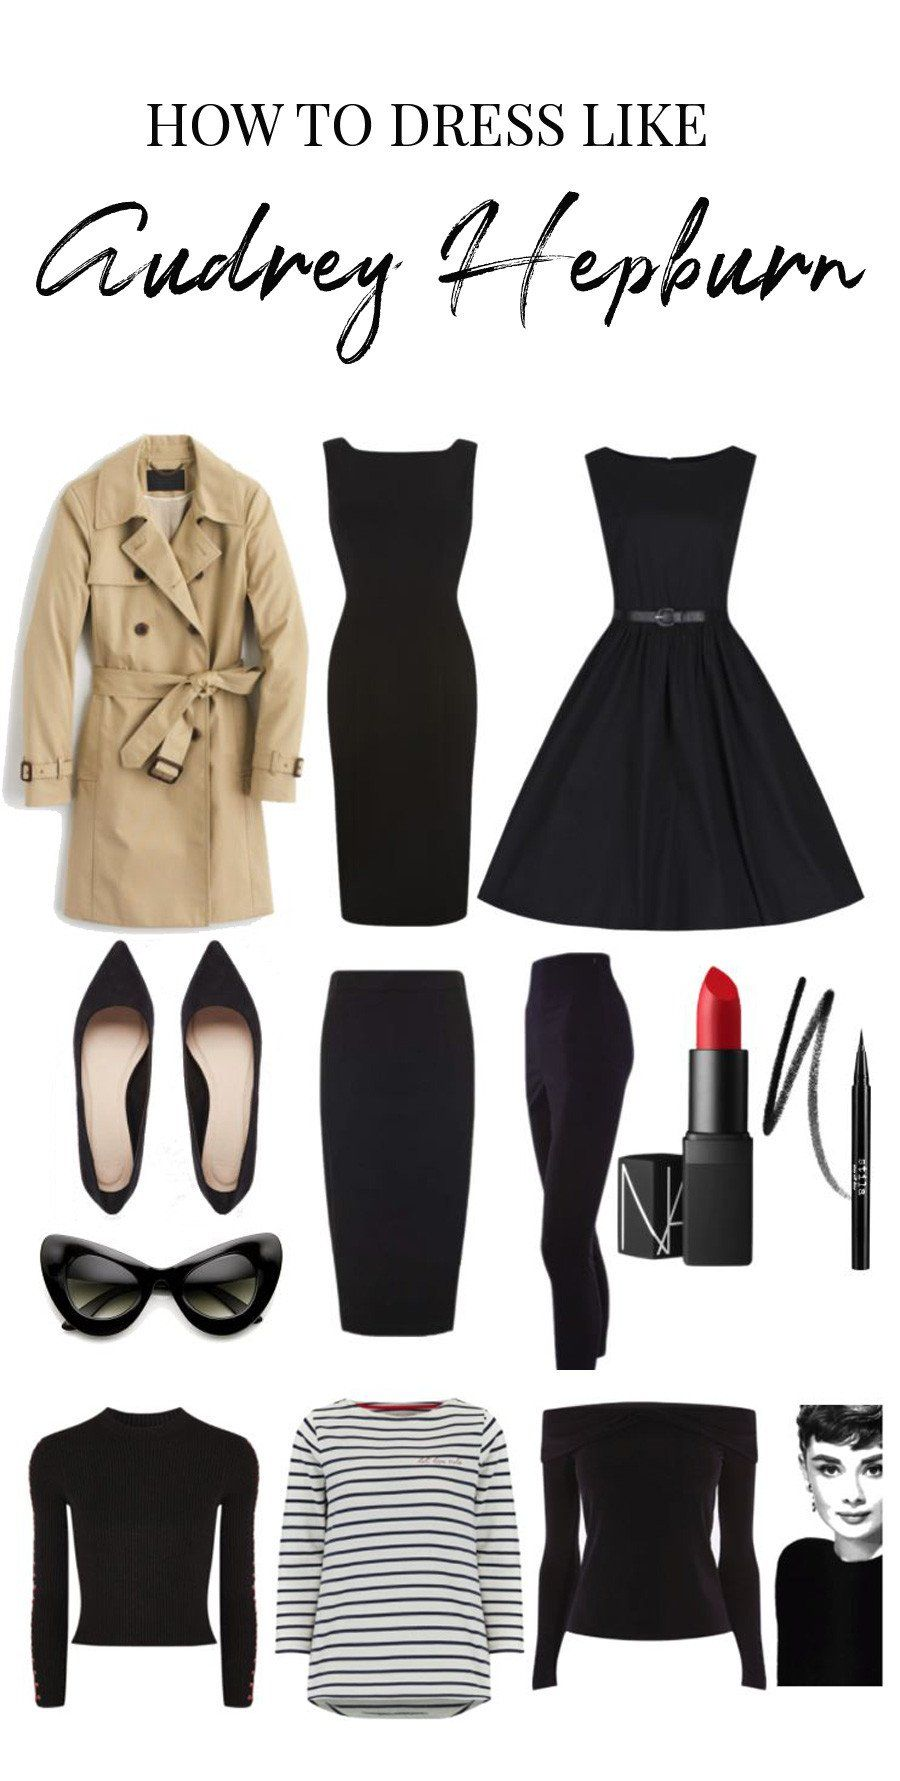 Audrey Hepburn Style Capsule Wardrobe How To Dress Like Audrey In 2020 Audrey Hepburn Style Outfits Fashion Capsule Hepburn Style